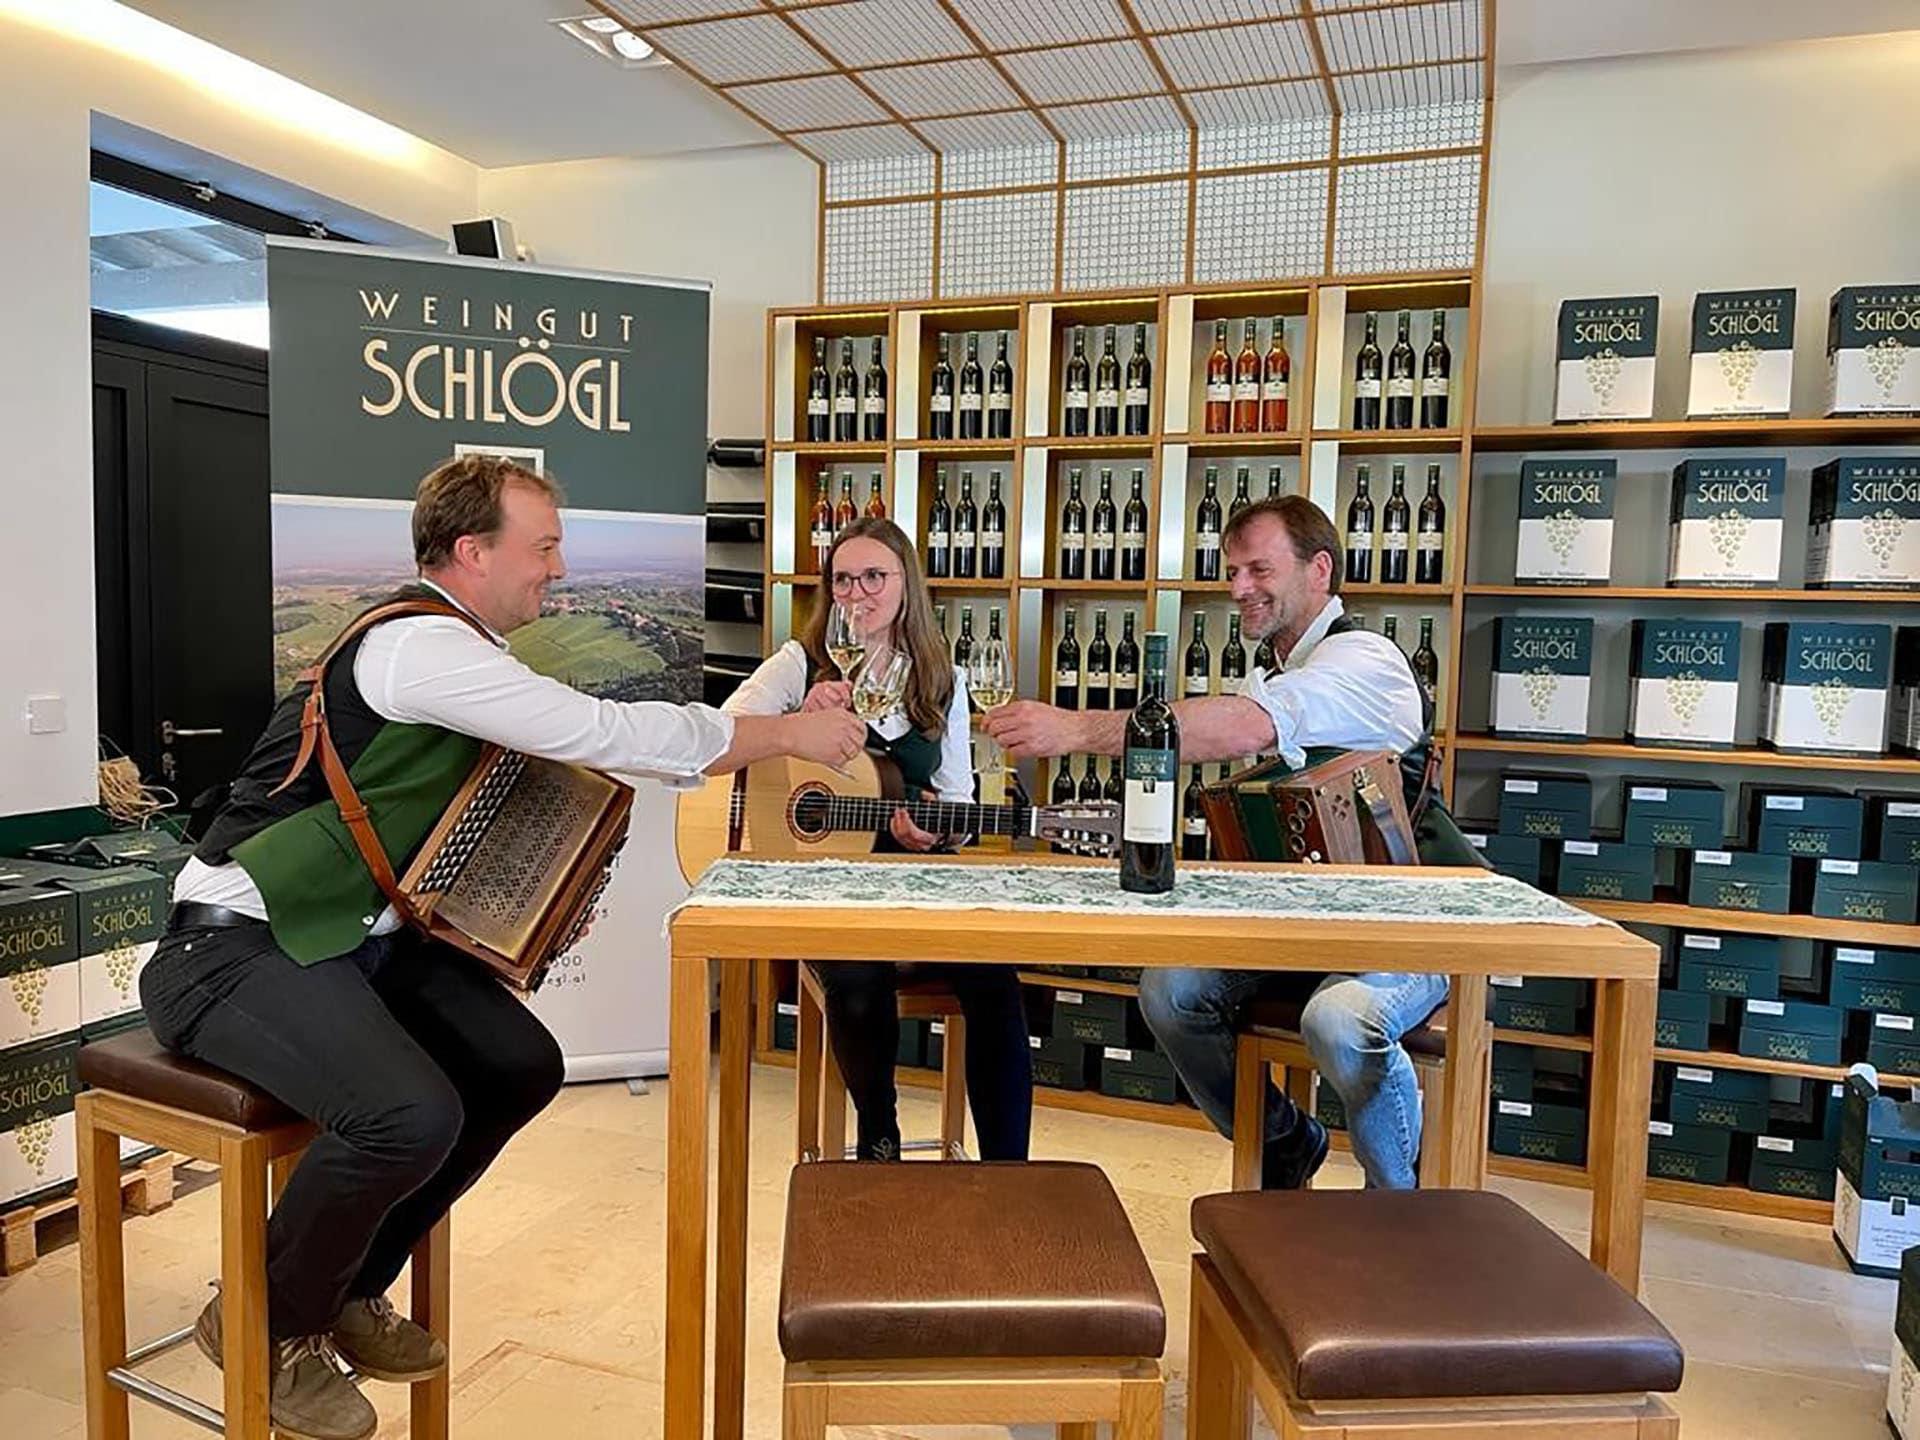 Sauvignon blanc Walzer komponiert und gewidmet dem Weingut Schlögl von Hrn. Walter Greimeister , Sauvignon blanc Walzer komponiert und gewidmet dem Weingut Schlögl von Hrn. Walter Greimeister , Foto beim Videodreh mit den Musikern